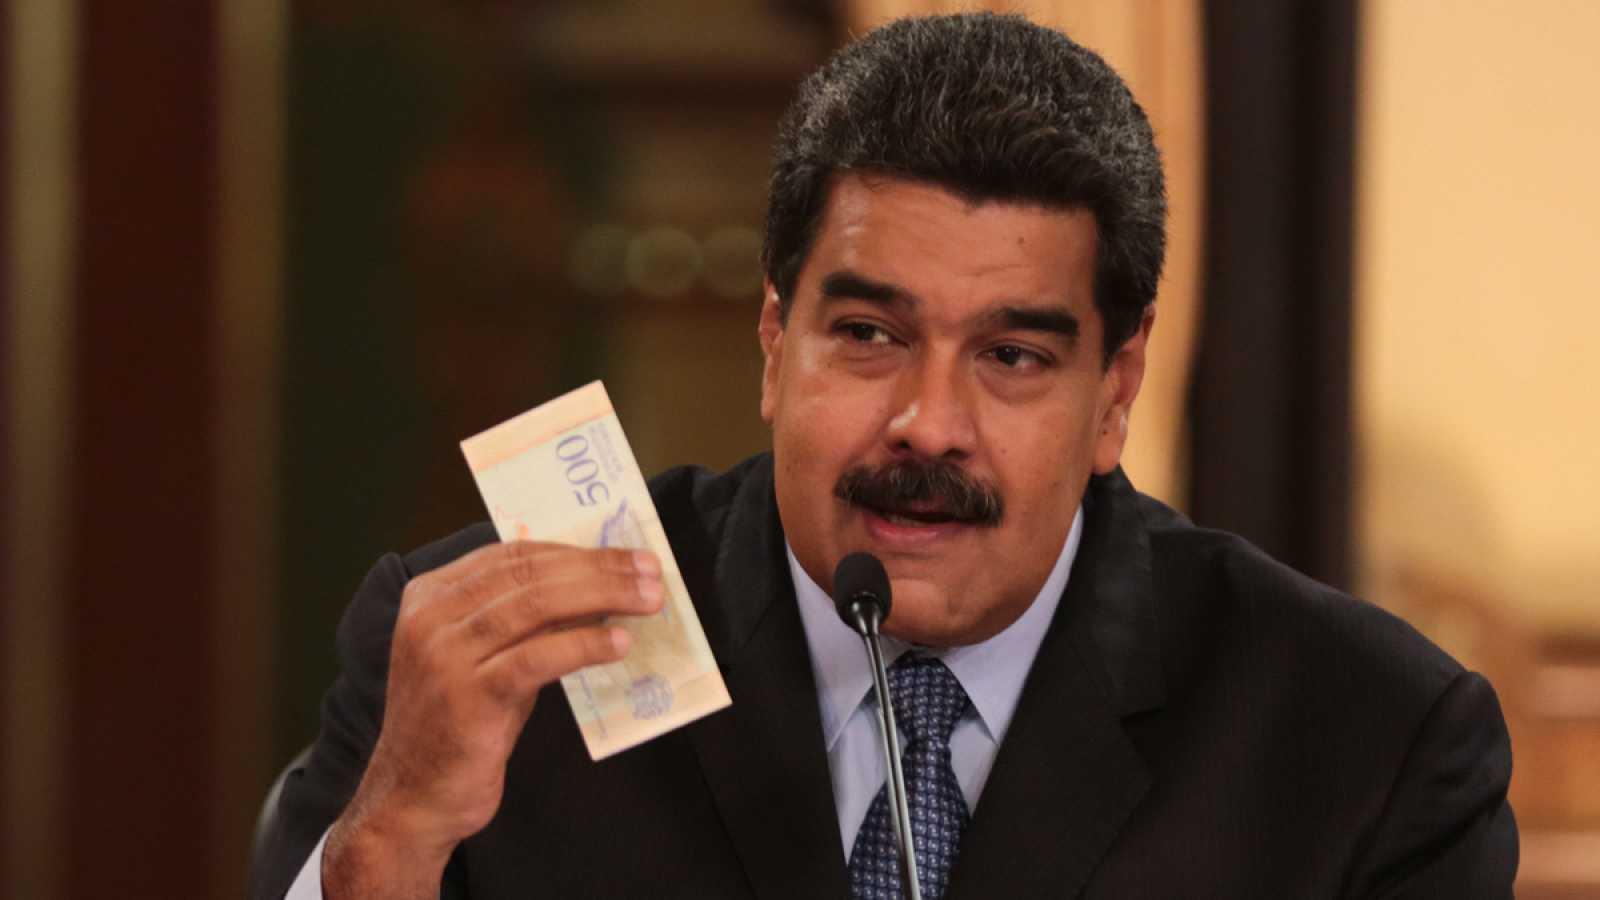 Noticias de ultima hora en venezuela 2020